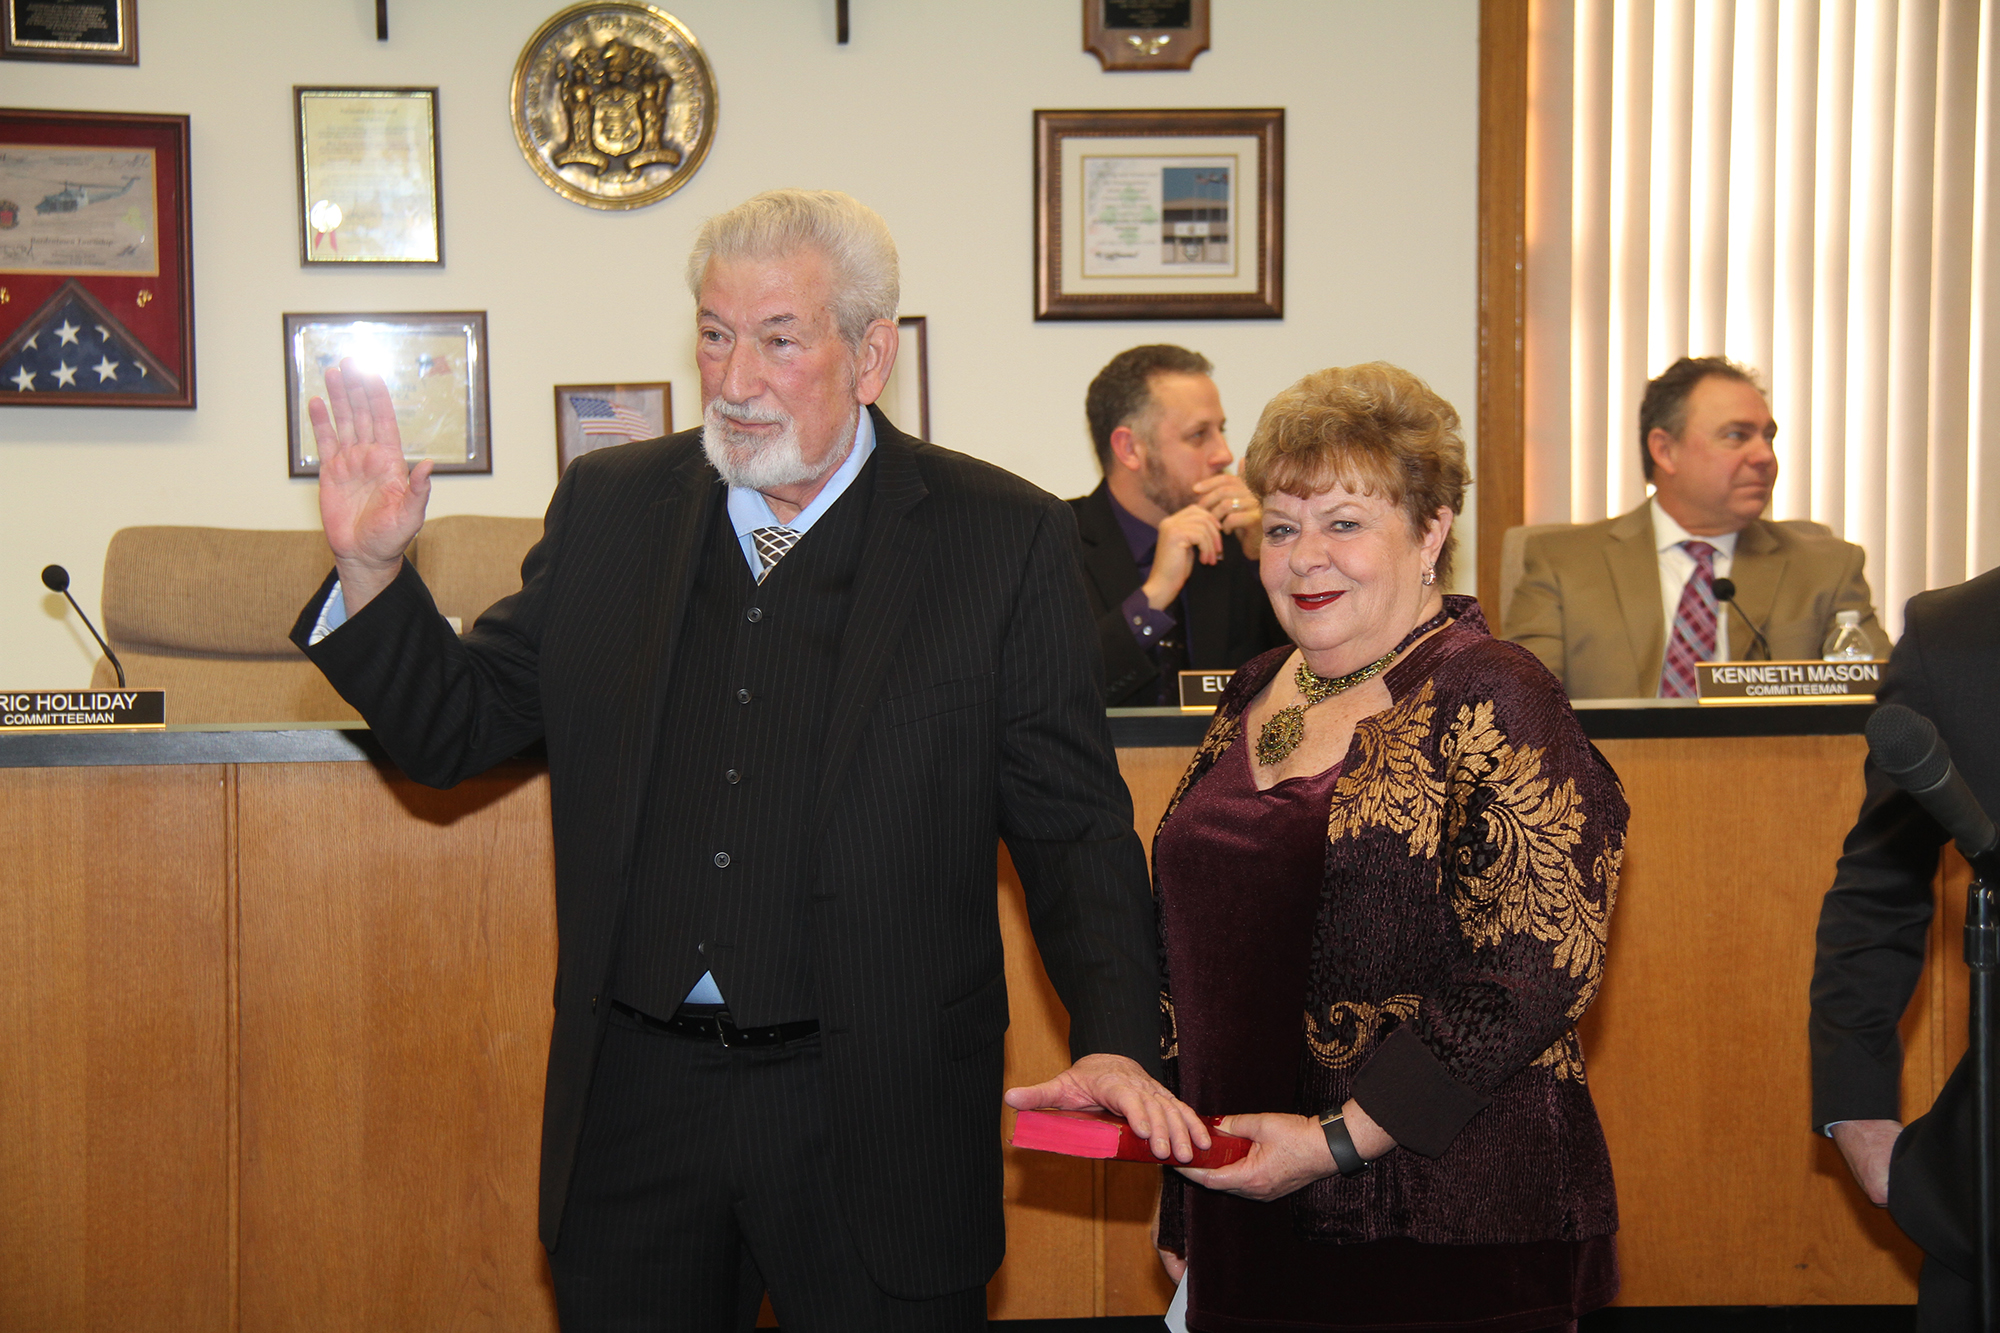 Mayor_Benowitz_with_his_wife_Ellen.JPG